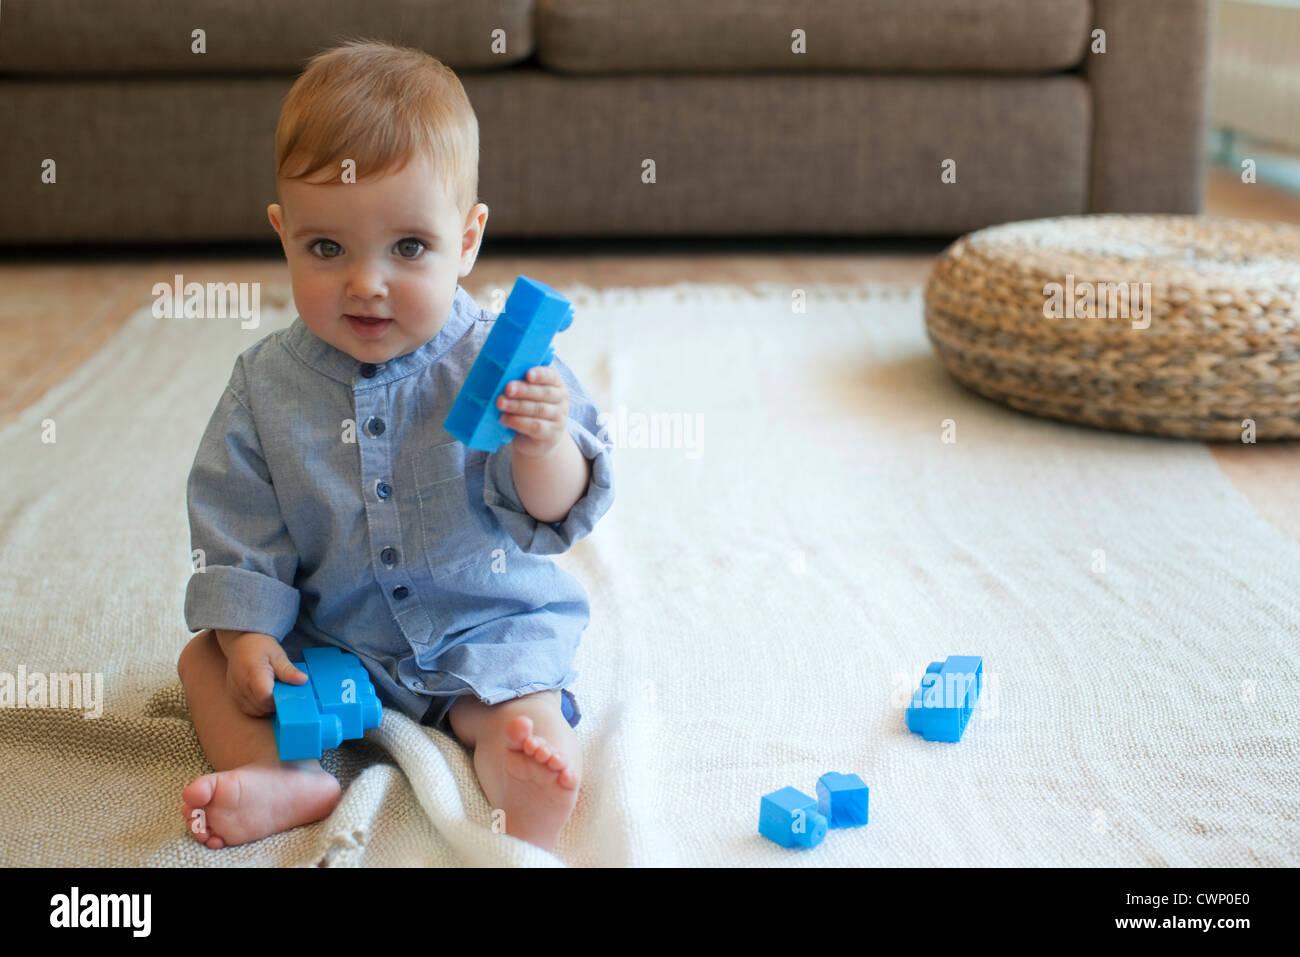 Bébé Garçon jouant avec des blocs de construction Photo Stock